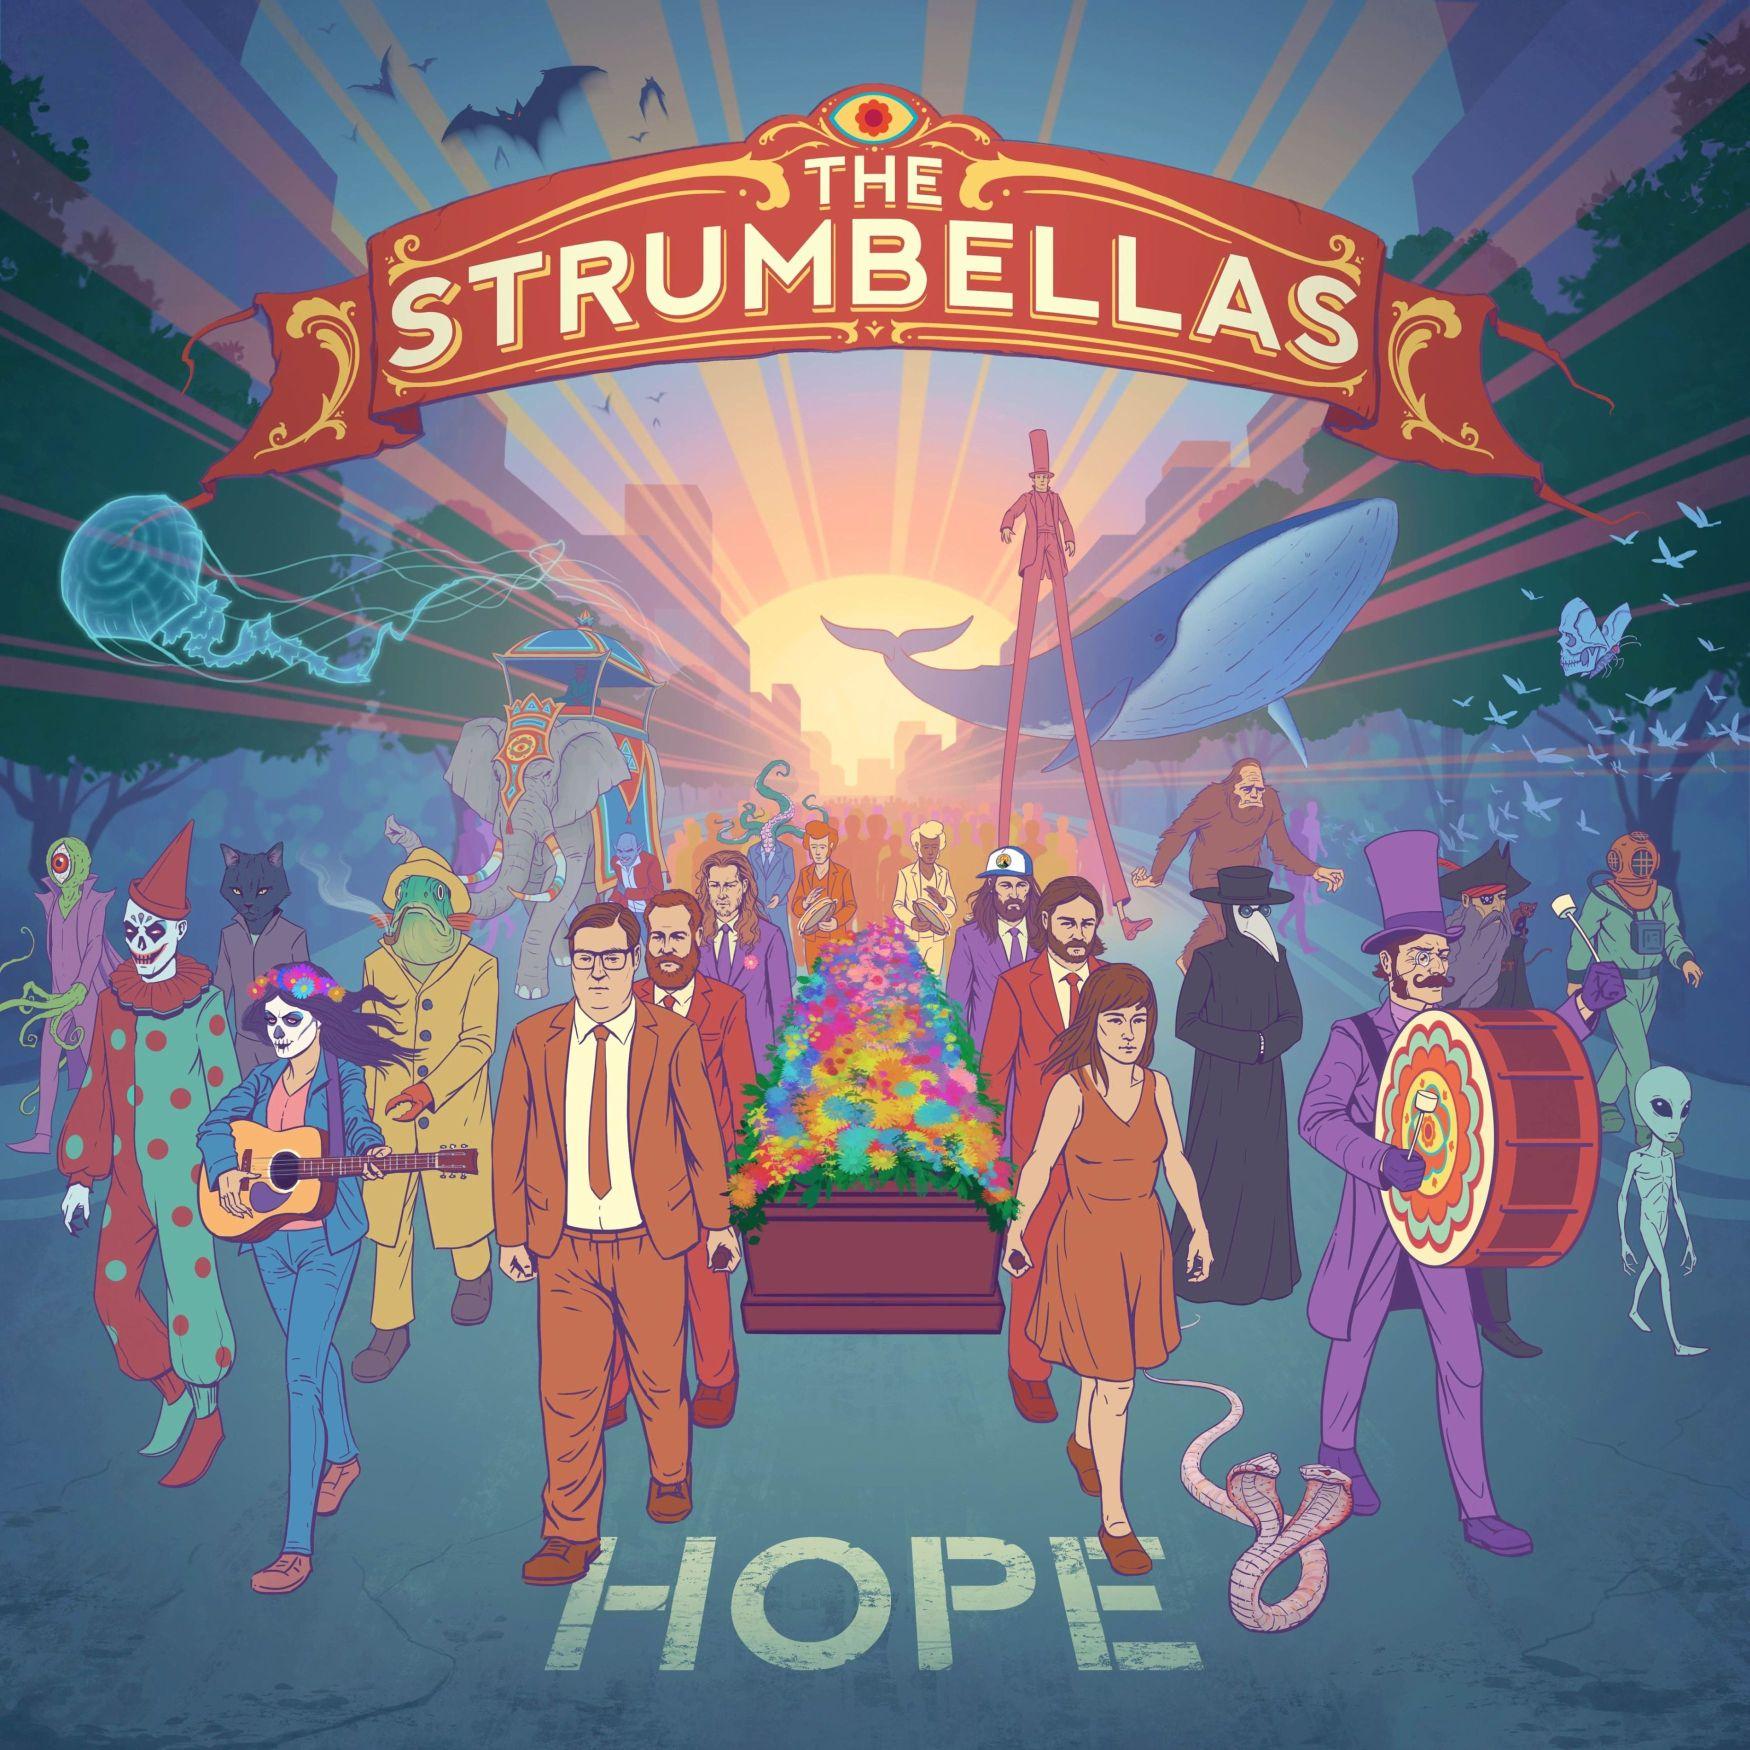 TheStrumbellas_Hope